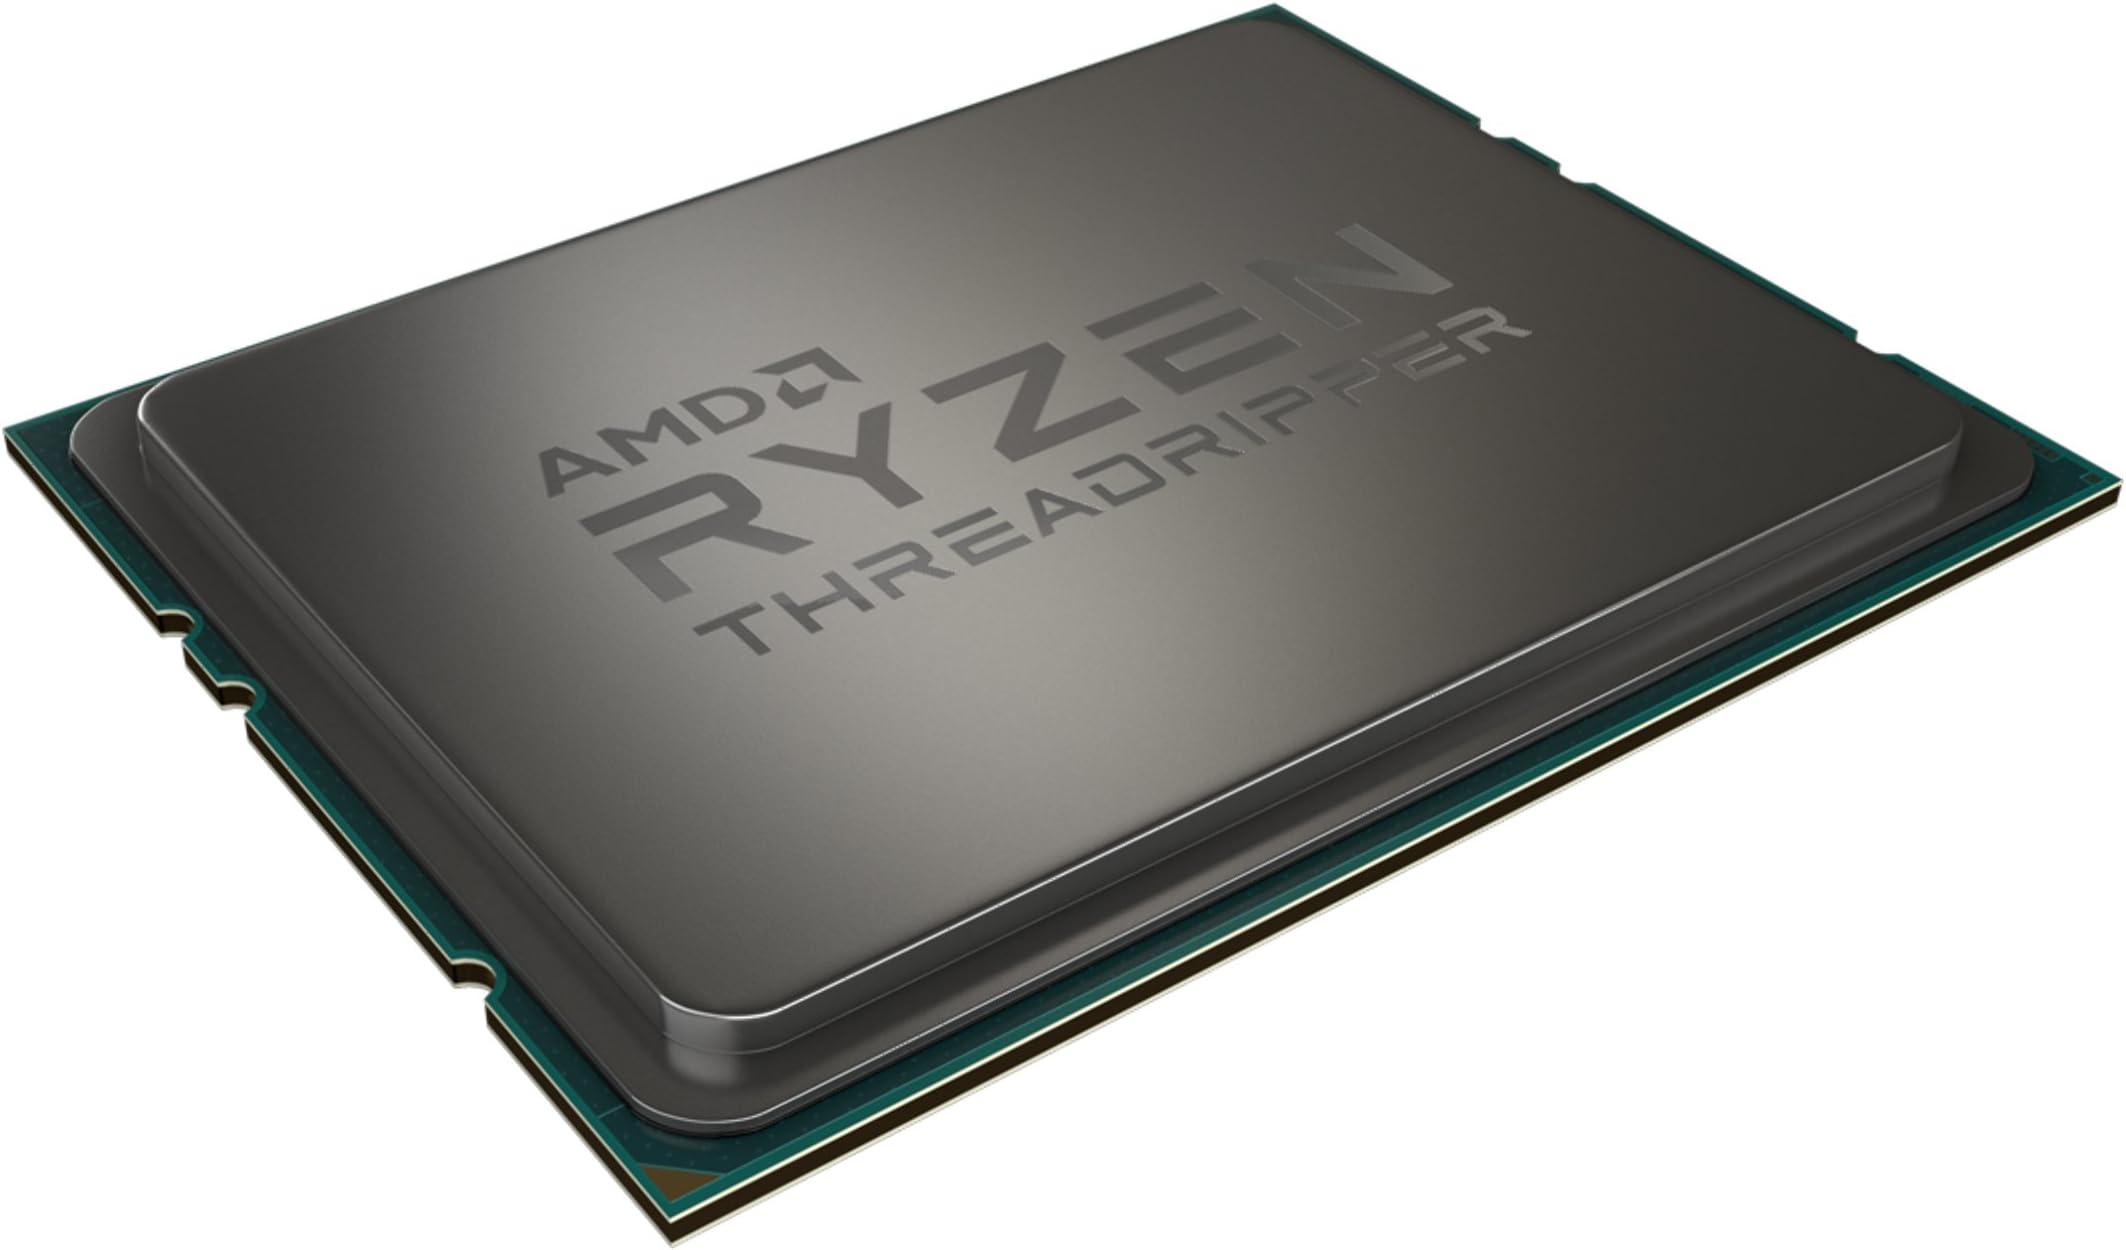 Amd Ryzen Threadripper 1900x Processor Yd190xa8aewof Price In Uae Amazon Uae Kanbkam